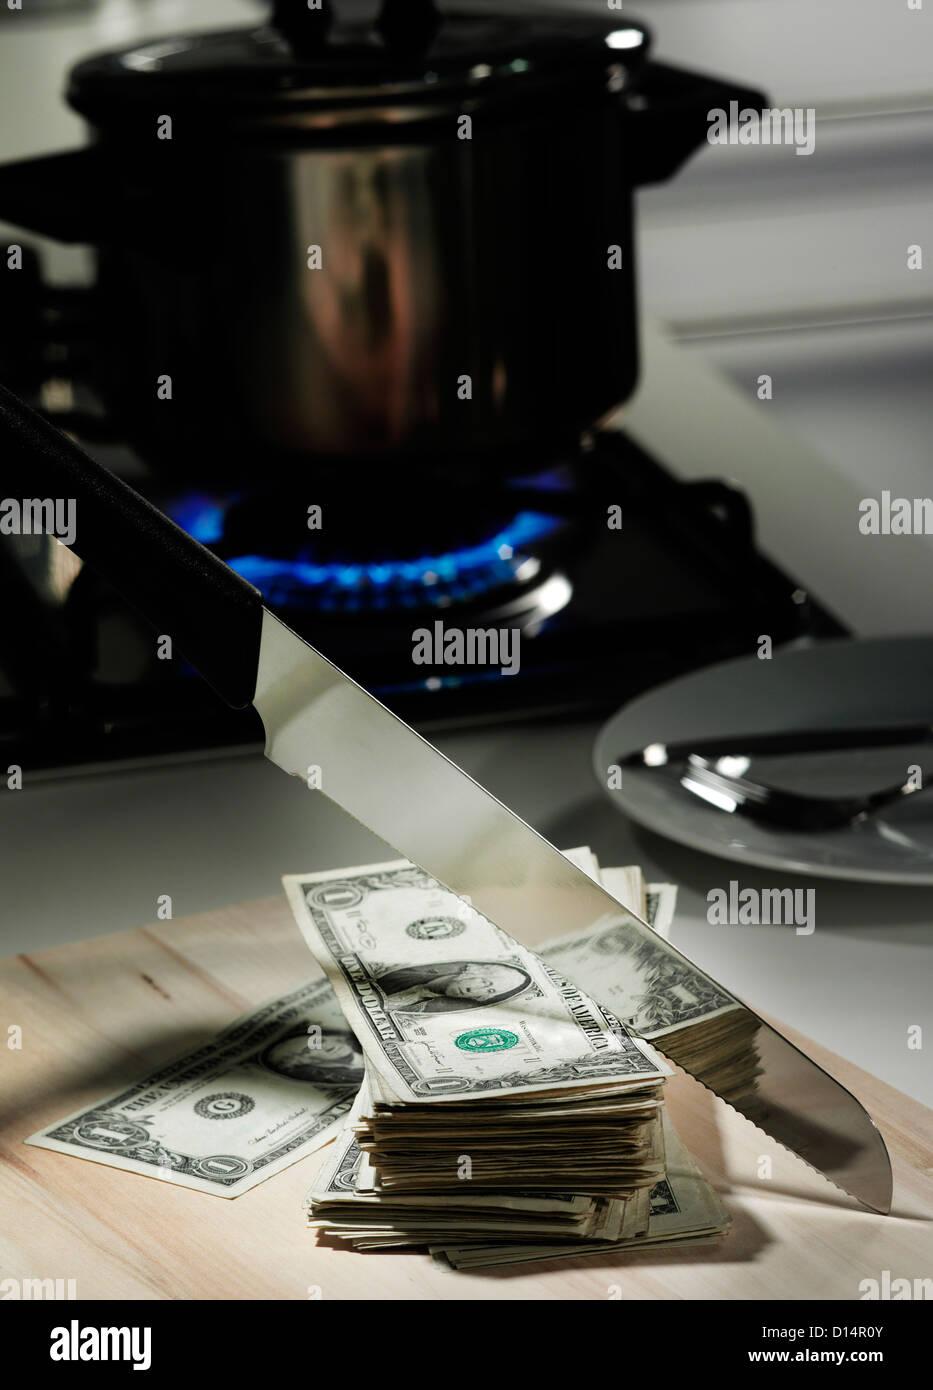 Billets d'un dollar dans une poêle sur la cuisinière Photo Stock